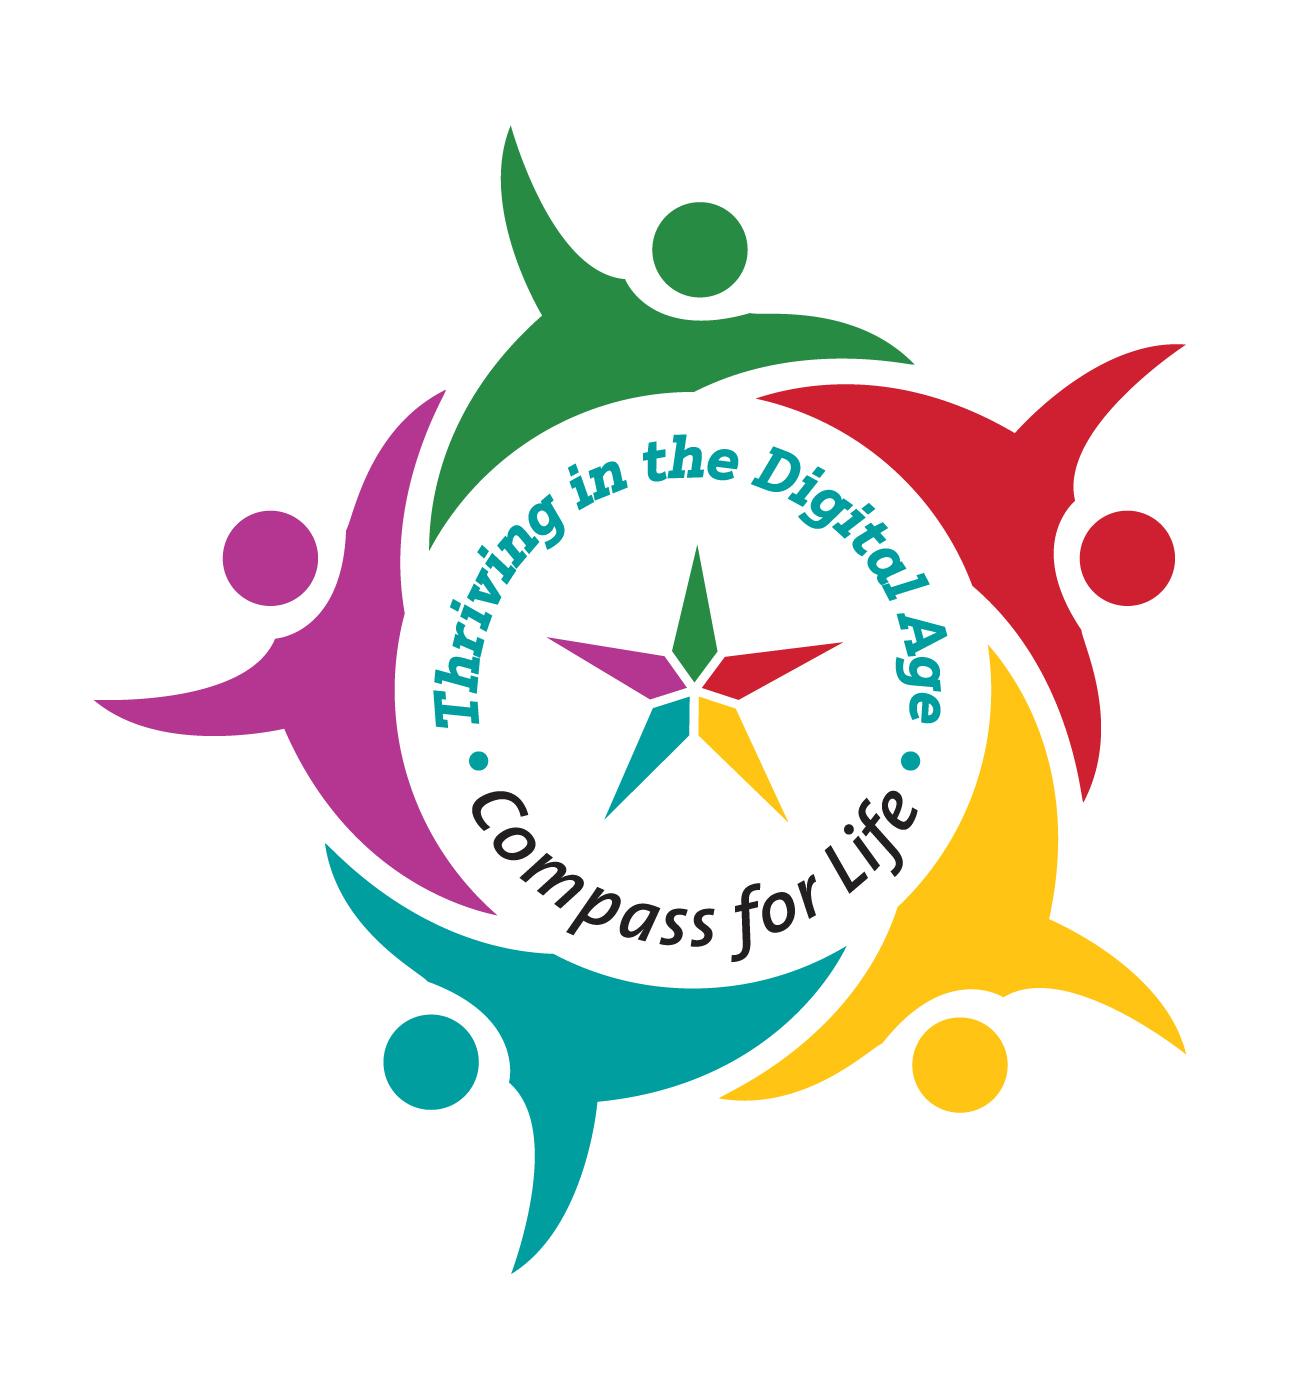 11月15日心理学ウィーク無料イベント開催!「スマホ時代をうまく生きるために」